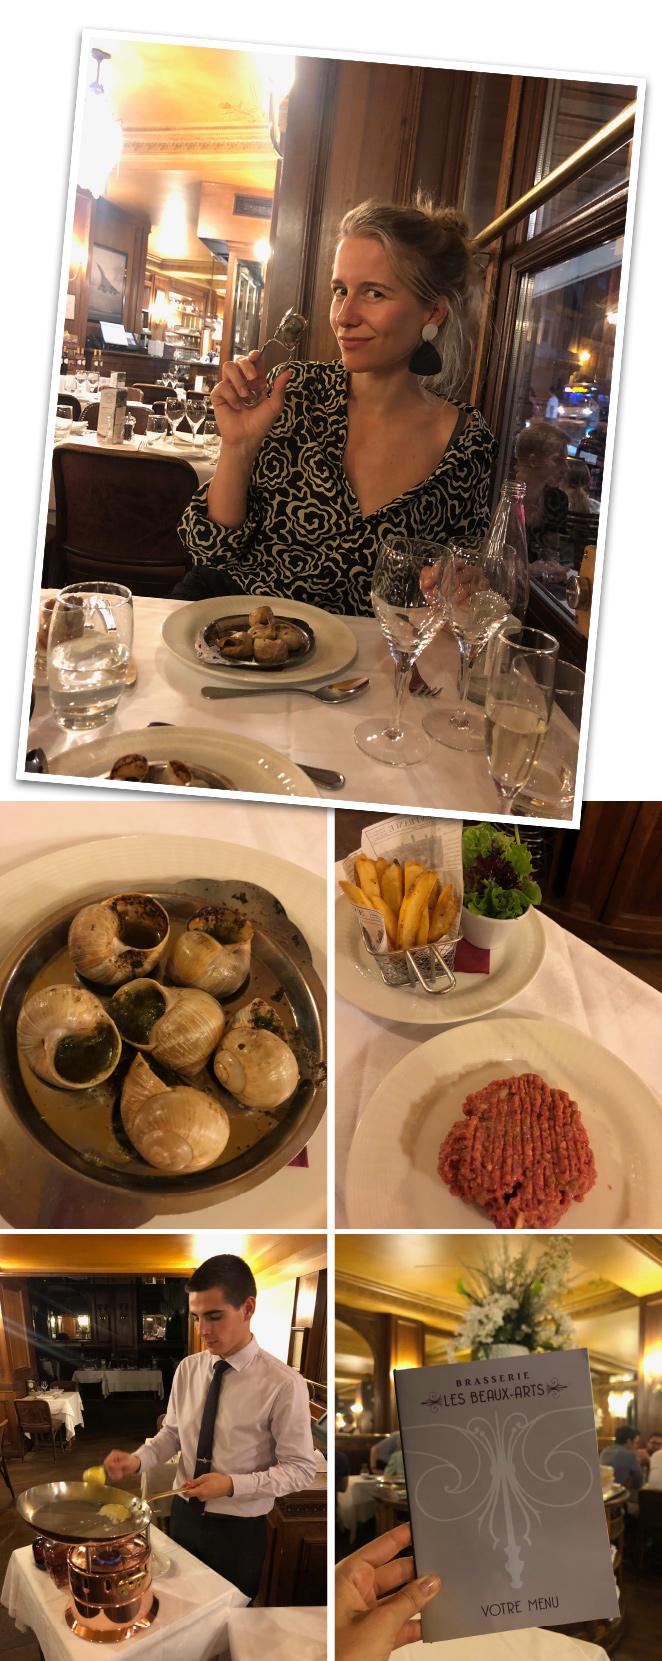 """Otro sitio que os recomendaría para una cena que jamás olvidaréis es """"La Brasserie Les Beaux Arts"""", situado frente al Pont Neuf. Espectacular su cocina típica francesa. Me encantó, especialmente, probar los escargots, el foie, el steak tartare y los profiteroles."""